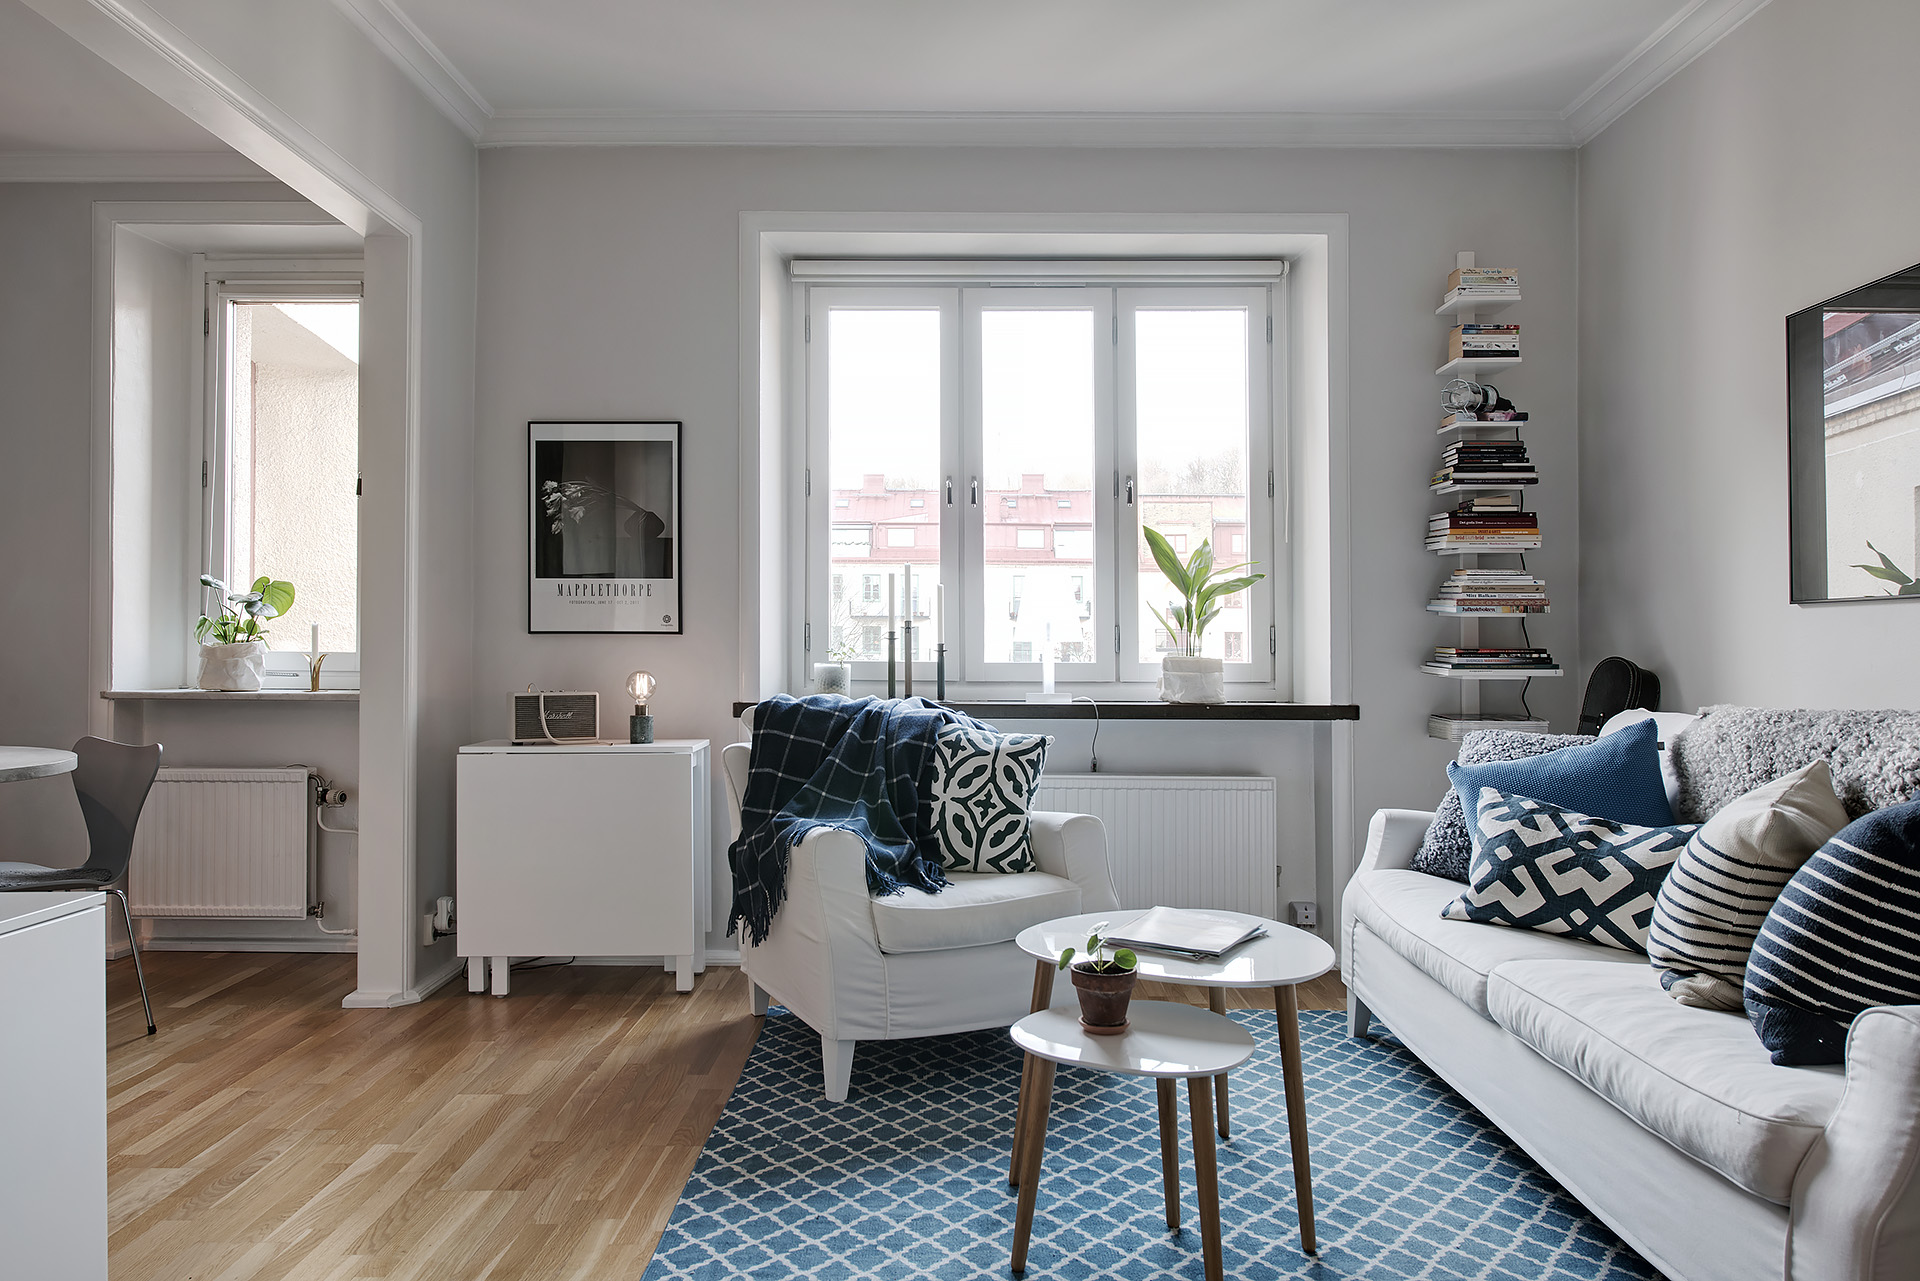 Estudios decoracion de interiores best decorar un estudio de m with estudios decoracion de - Estudio de interiores ...